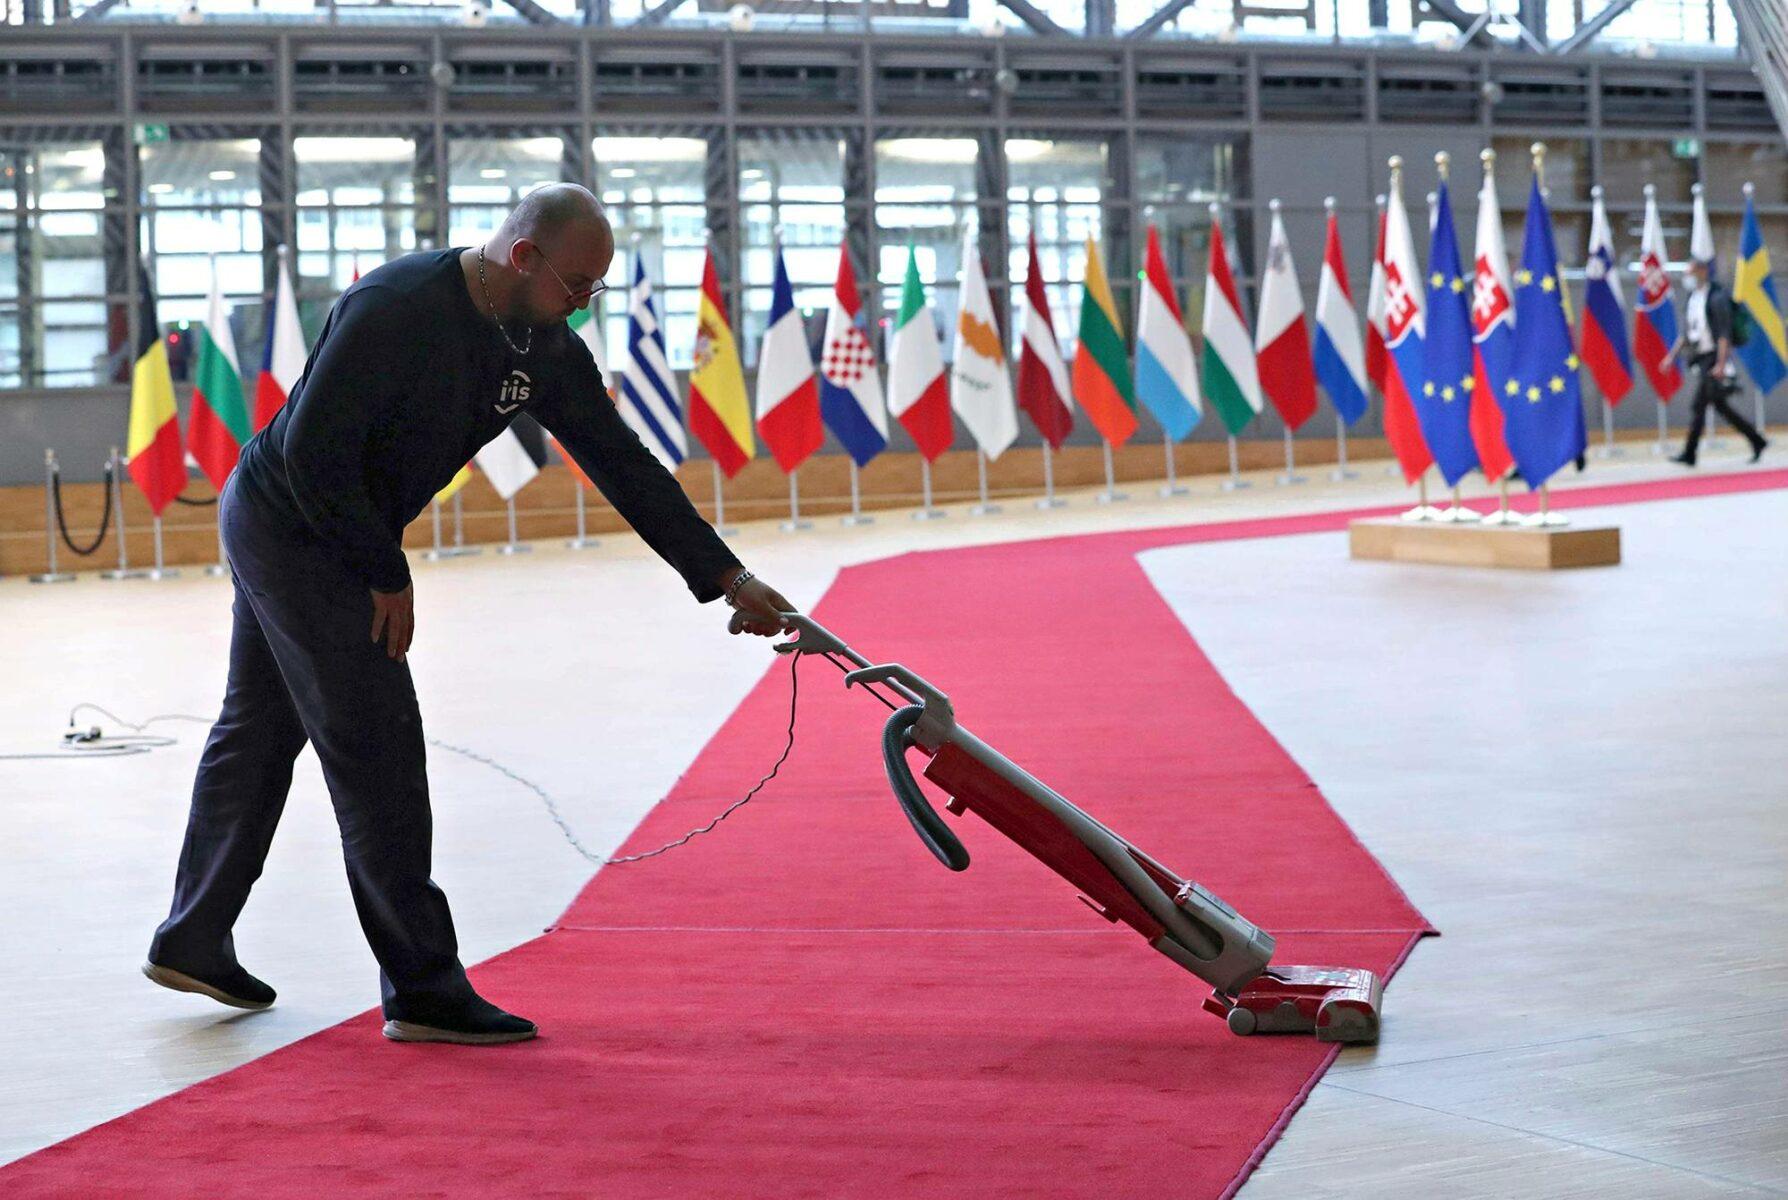 Valtioiden päämiehet neuvottelivat elpymispaketista Eurooppa-neuvoston tiloissa heinäkuussa 2020.